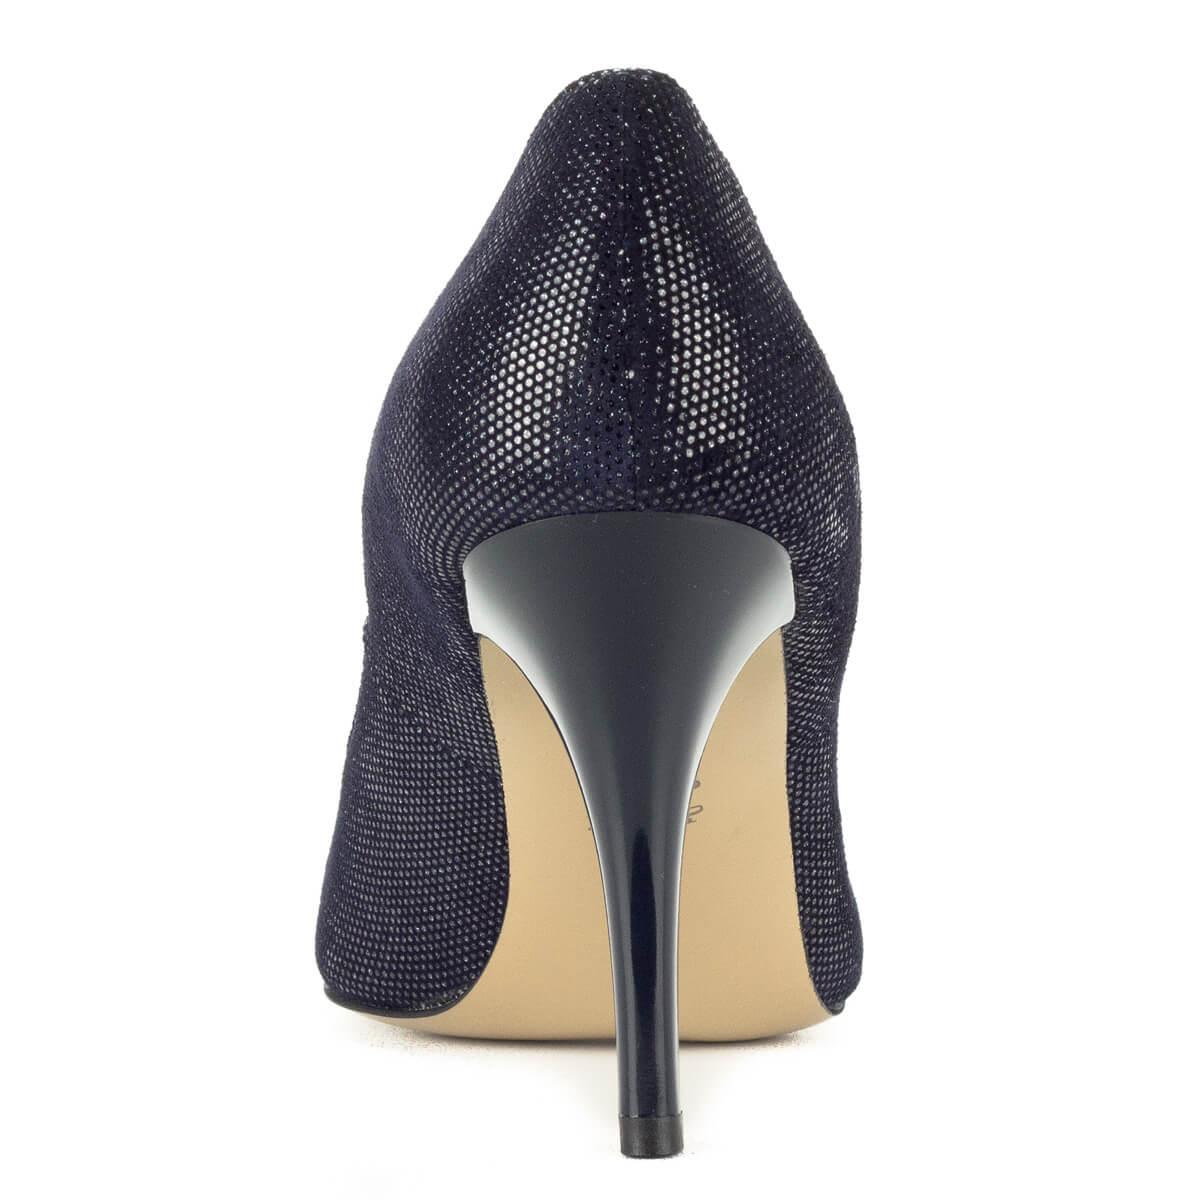 0a283a914a Bőrét apró ezüst minta; Anis kék-ezüst magassarkú női cipő 9 cm magasságú  sarokkal. Bőrét apró ezüst minta ...